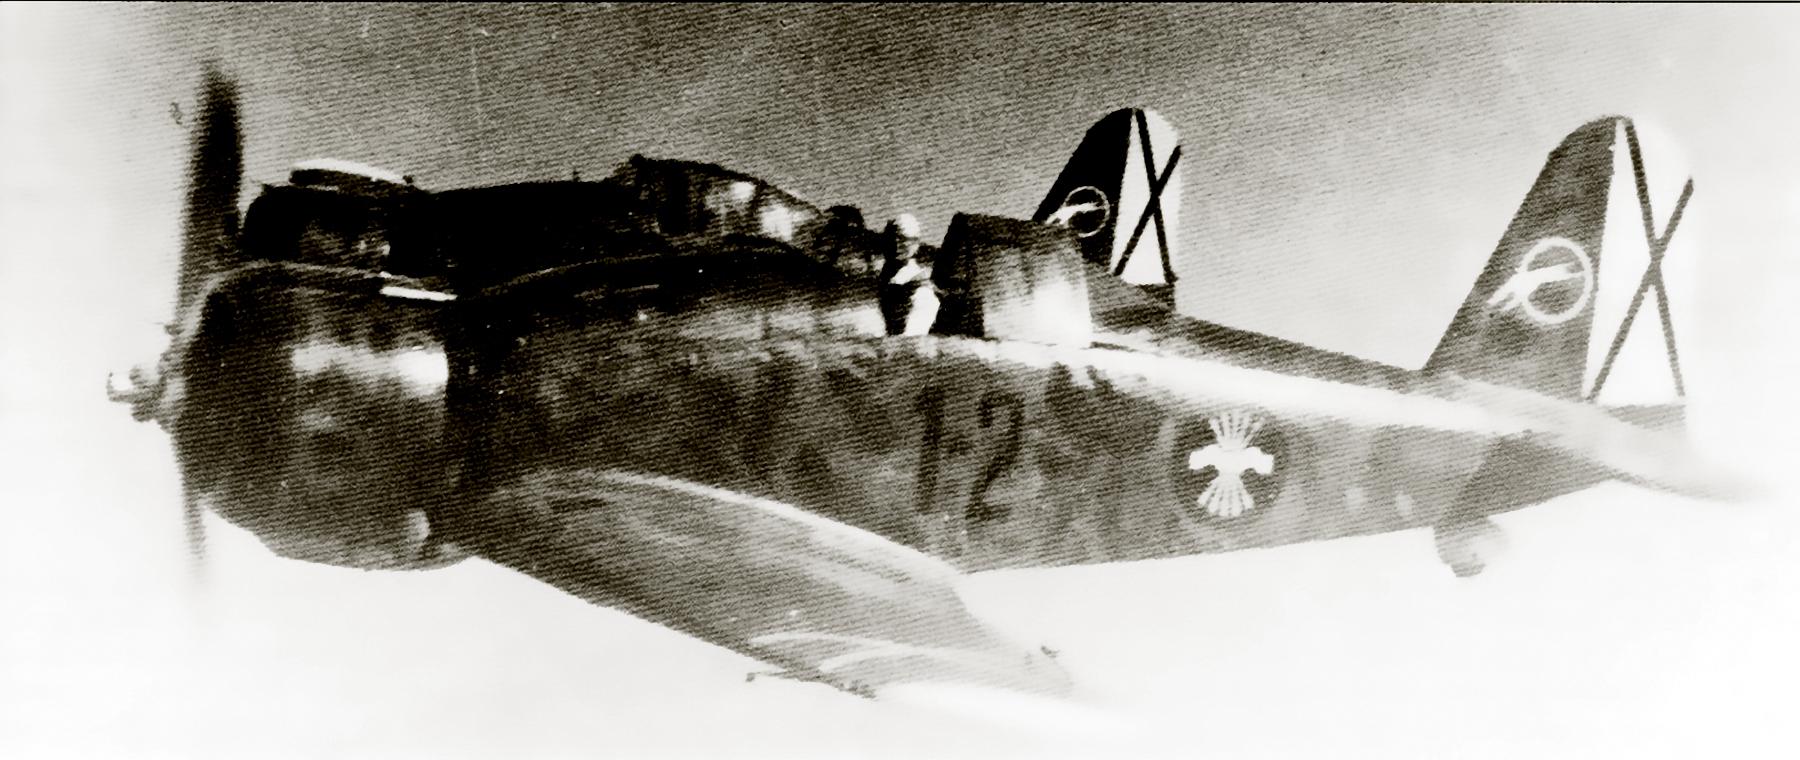 Fiat G50 Freccia Aviacion Nacional 27 Gruppo de Caza 2 Sevilla Tablada Spain Jun 1939 01